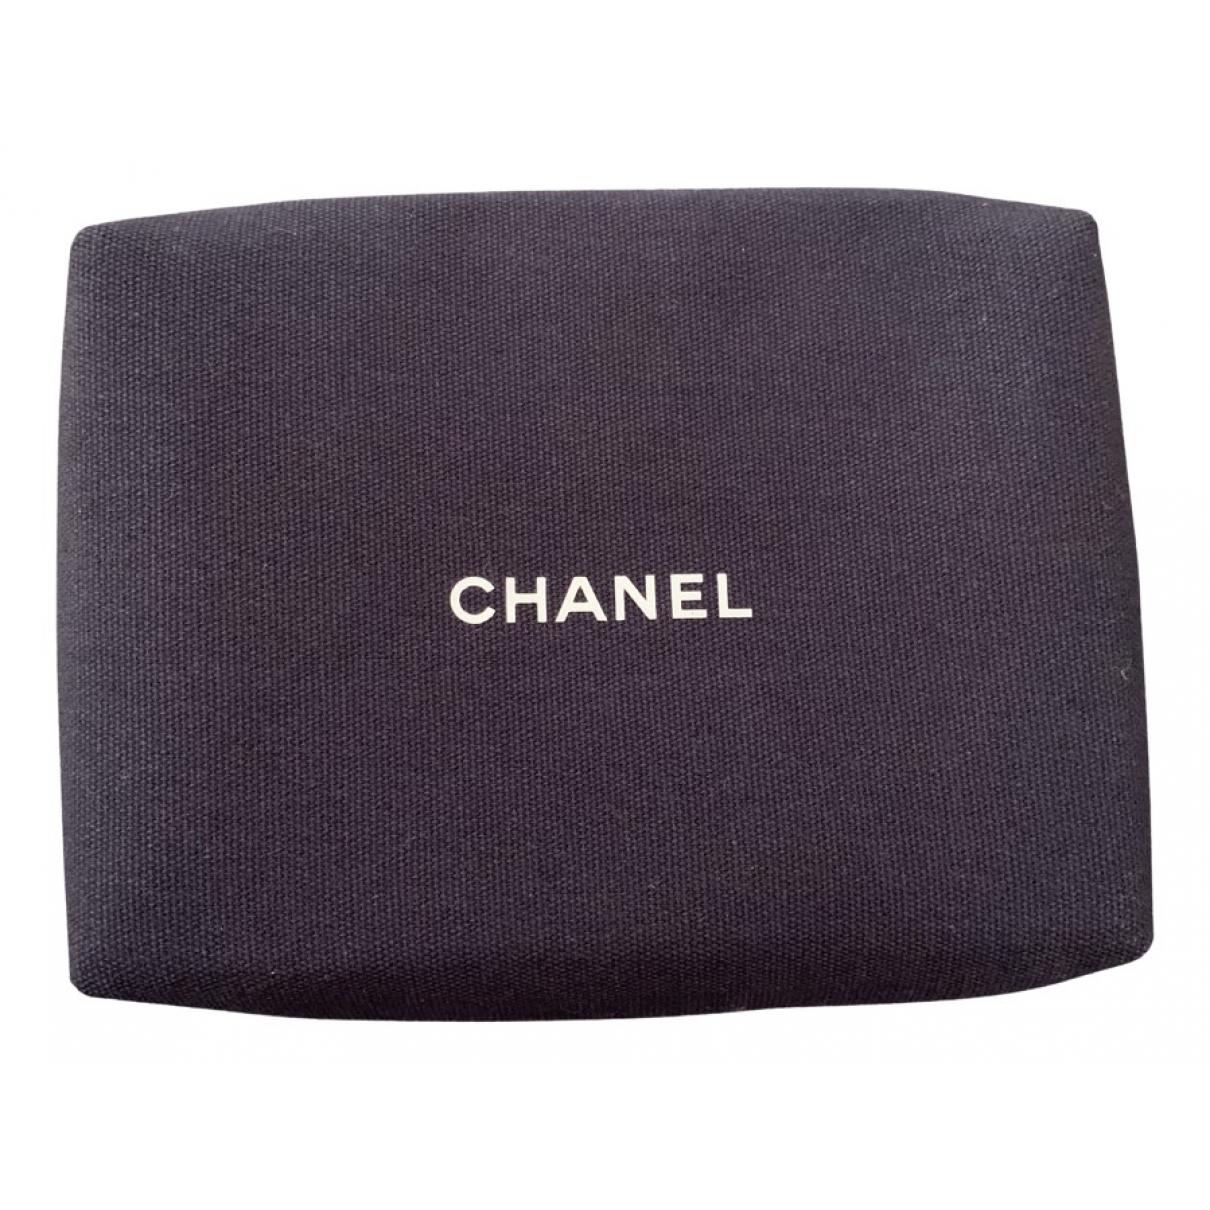 Chanel - Pochette   pour femme en toile - marine